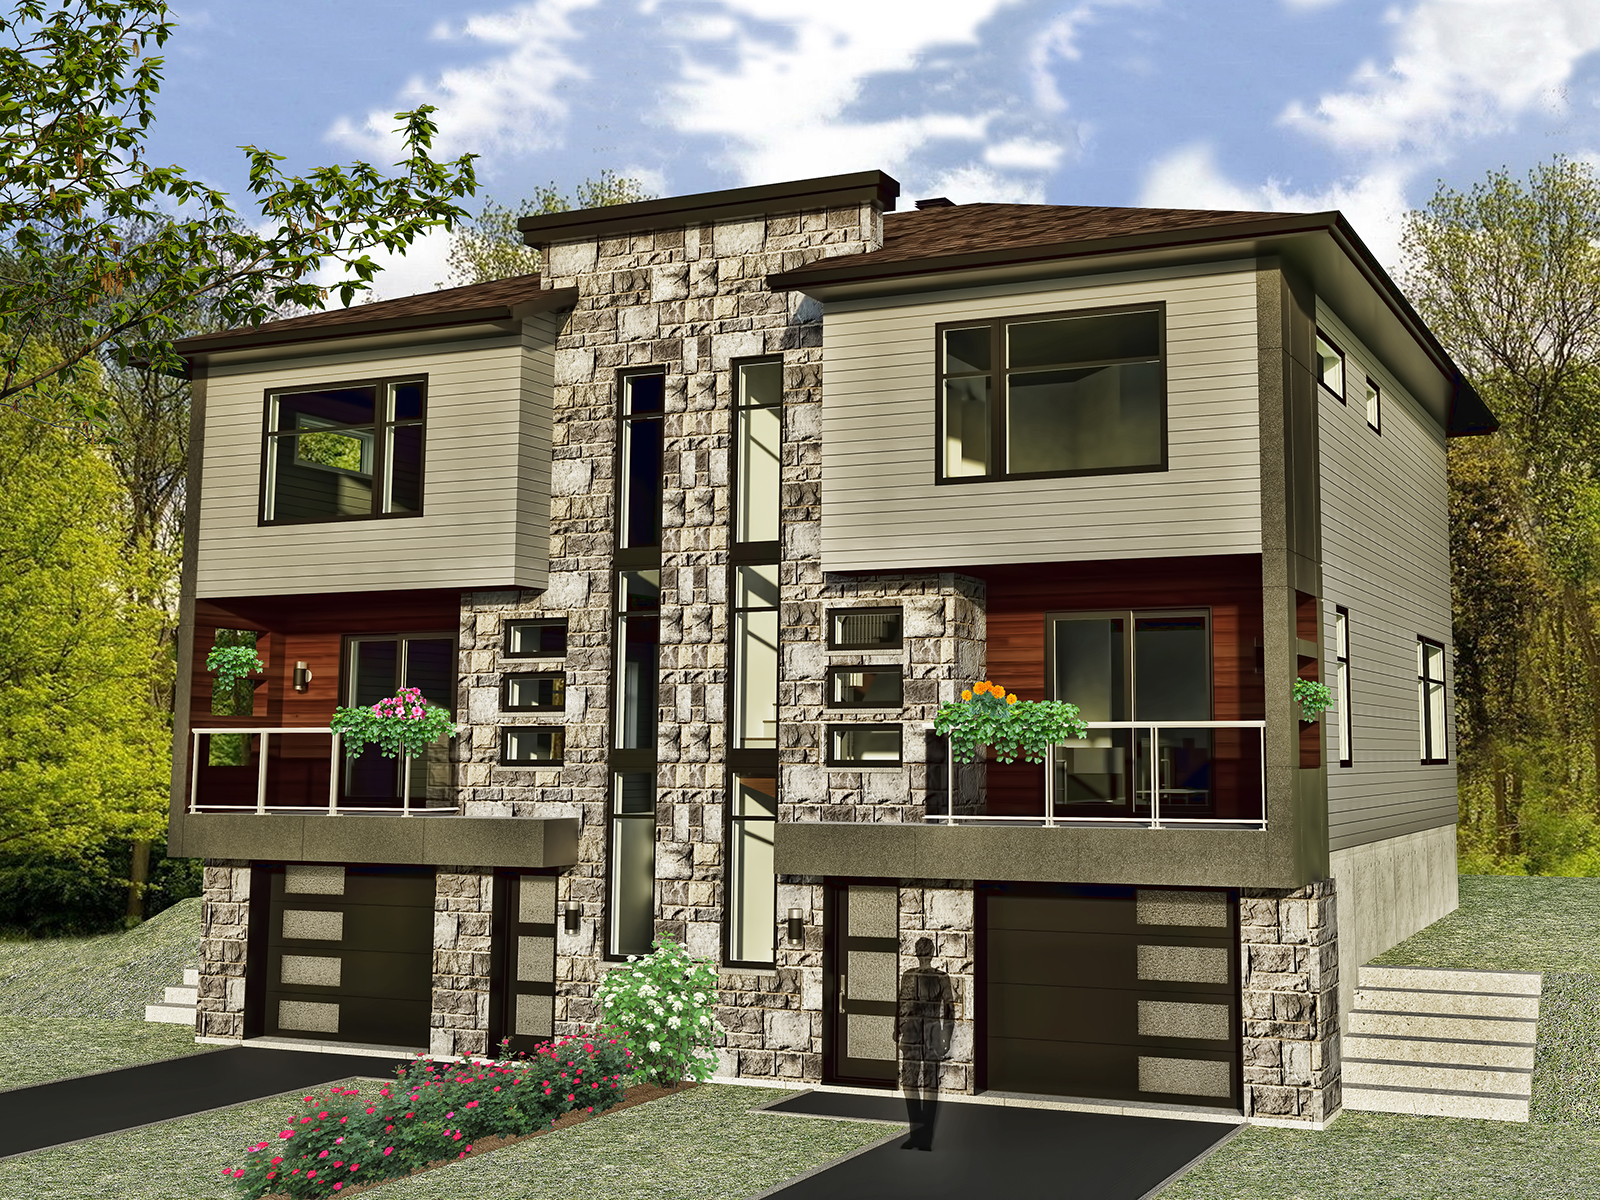 Mod les de maison jumel avec garage - Plan maison jumelee par le garage ...